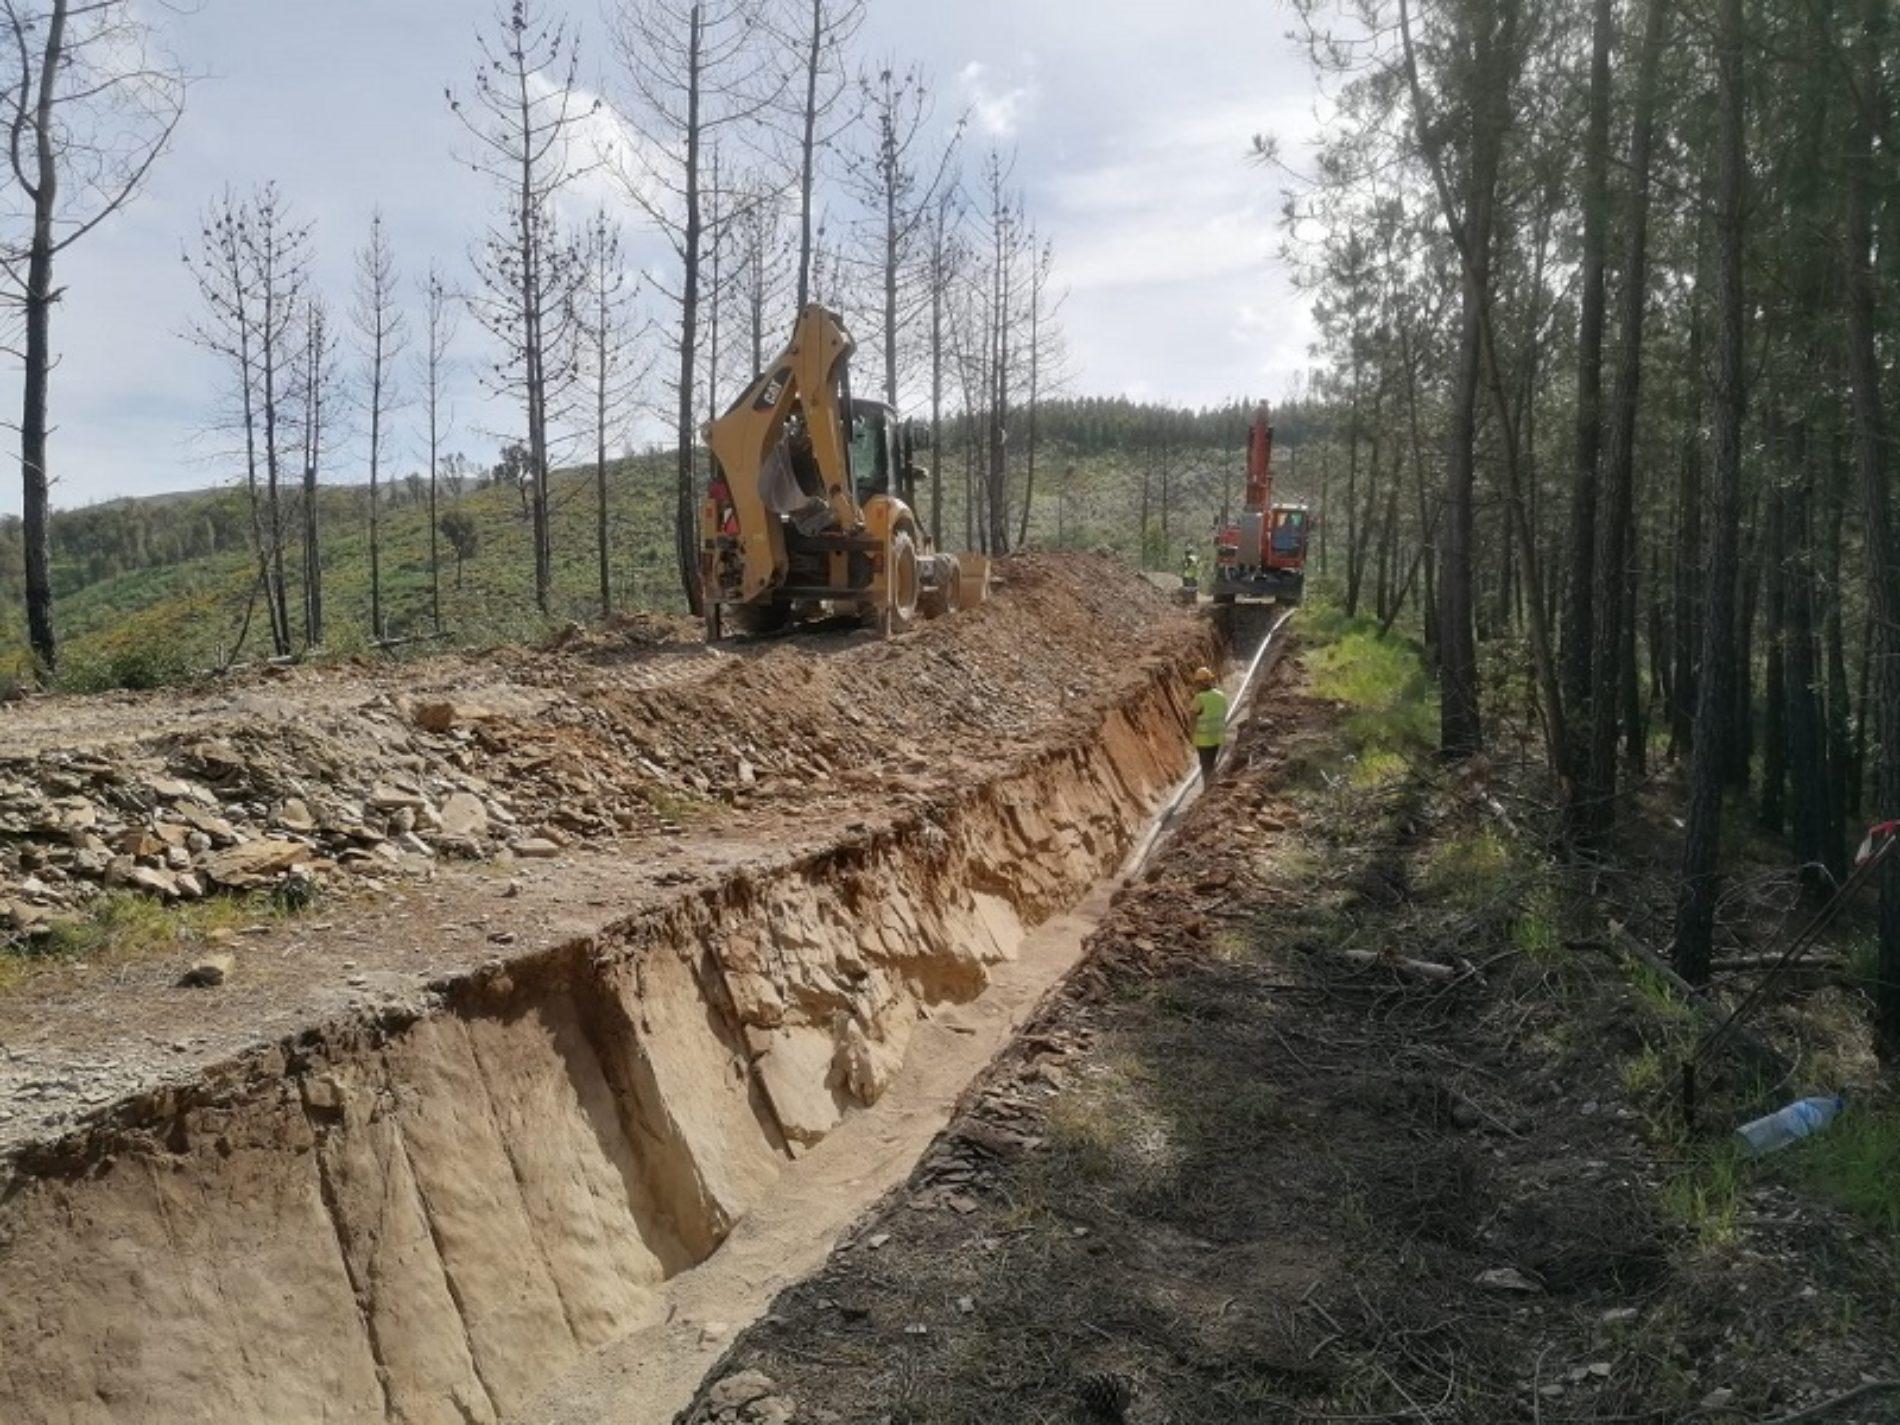 Arganil: 2,6 milhões de euros para melhorar o abastecimento de água em Vila Cova do Alva, Alqueve e Pomares